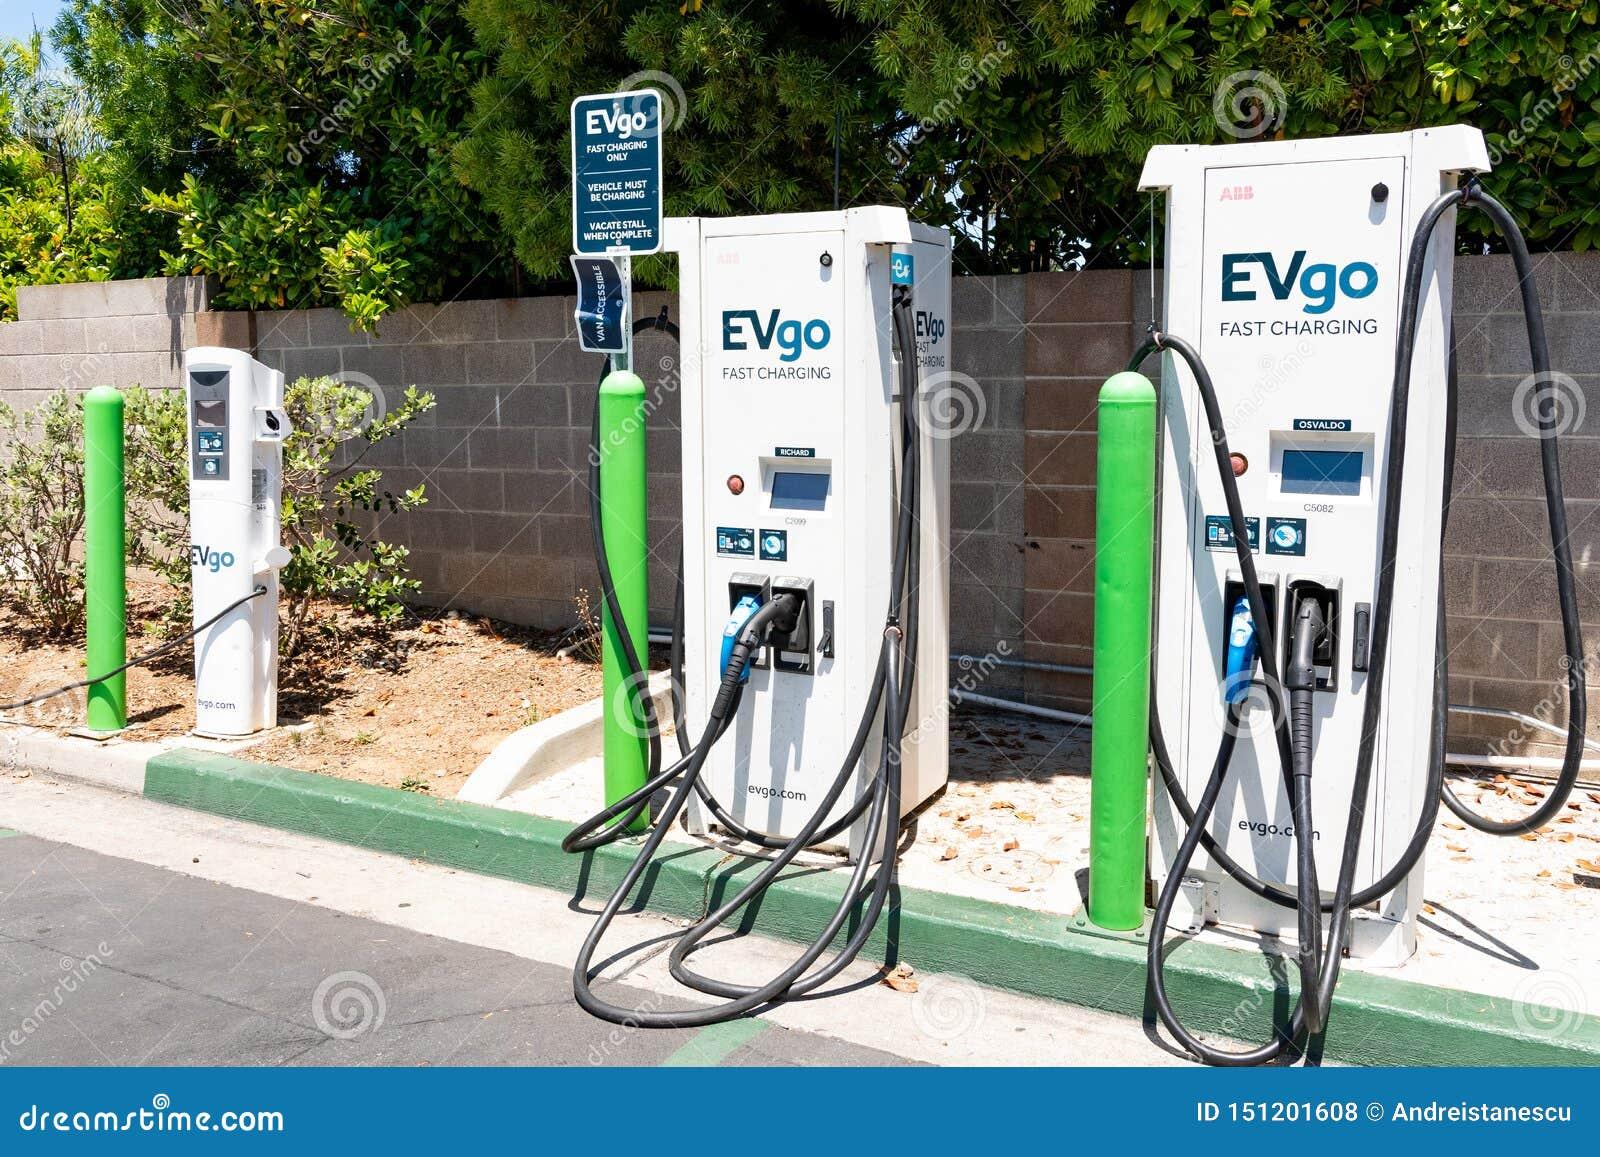 20 juin 2019 Cupertino/CA/Etats-Unis - station de charge d EVgo située dans un parking dans la région de San Francisco Bay du sud